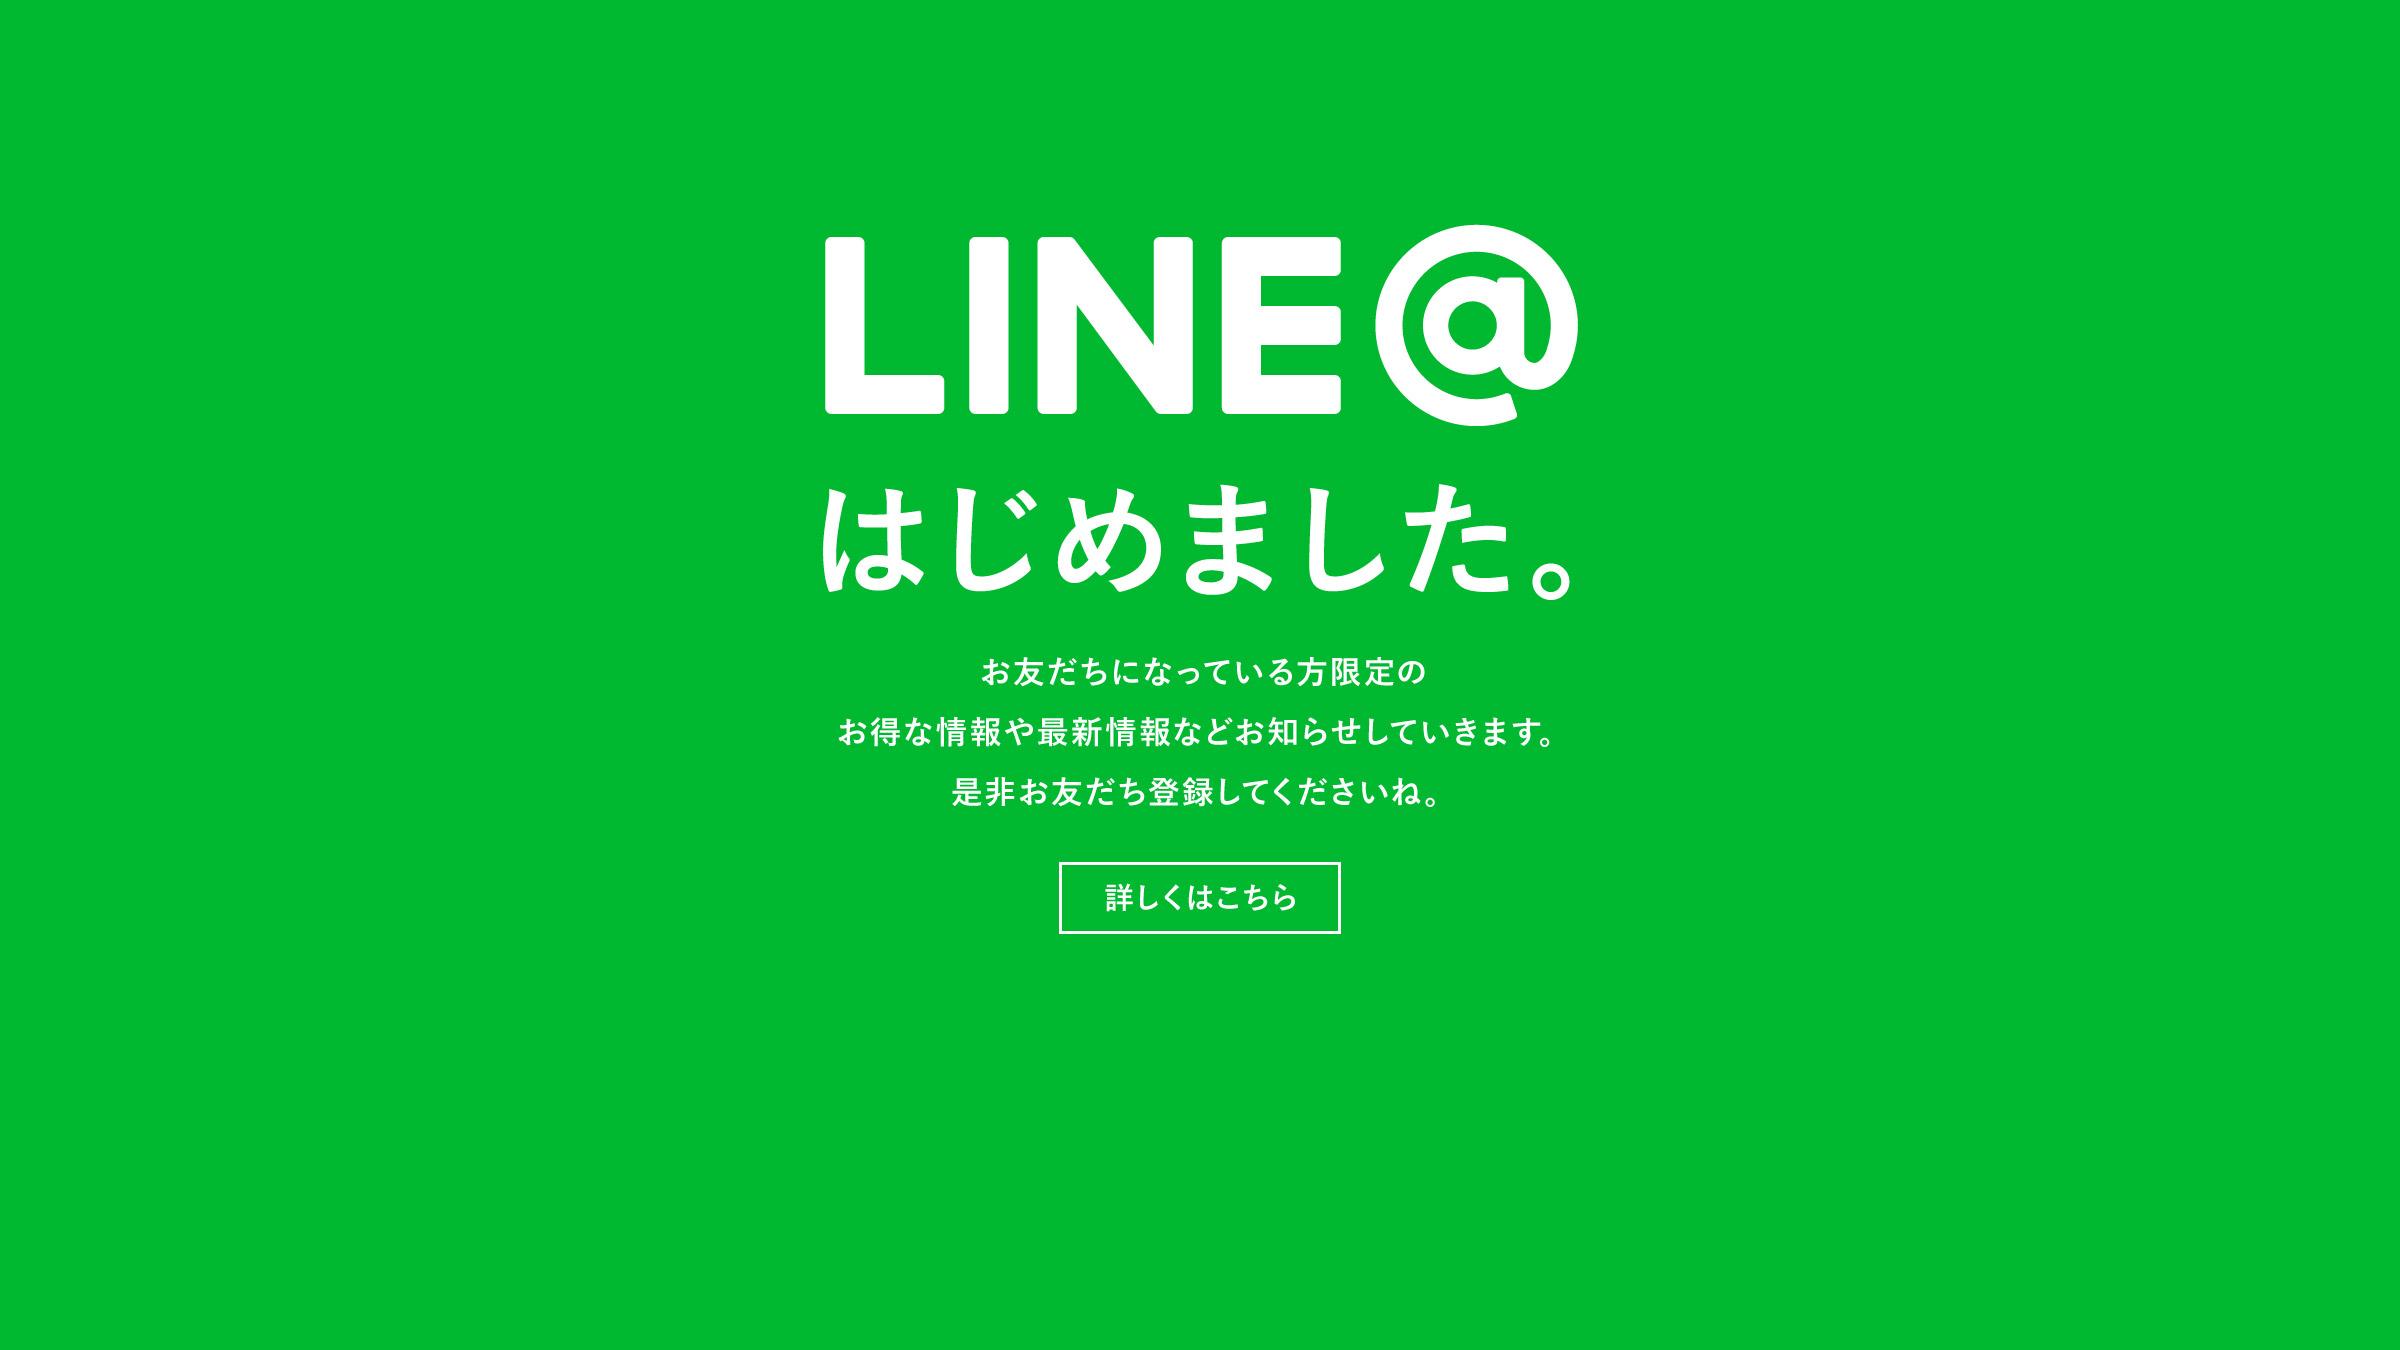 イメージ画像、LINE@開始、お友達登録募集